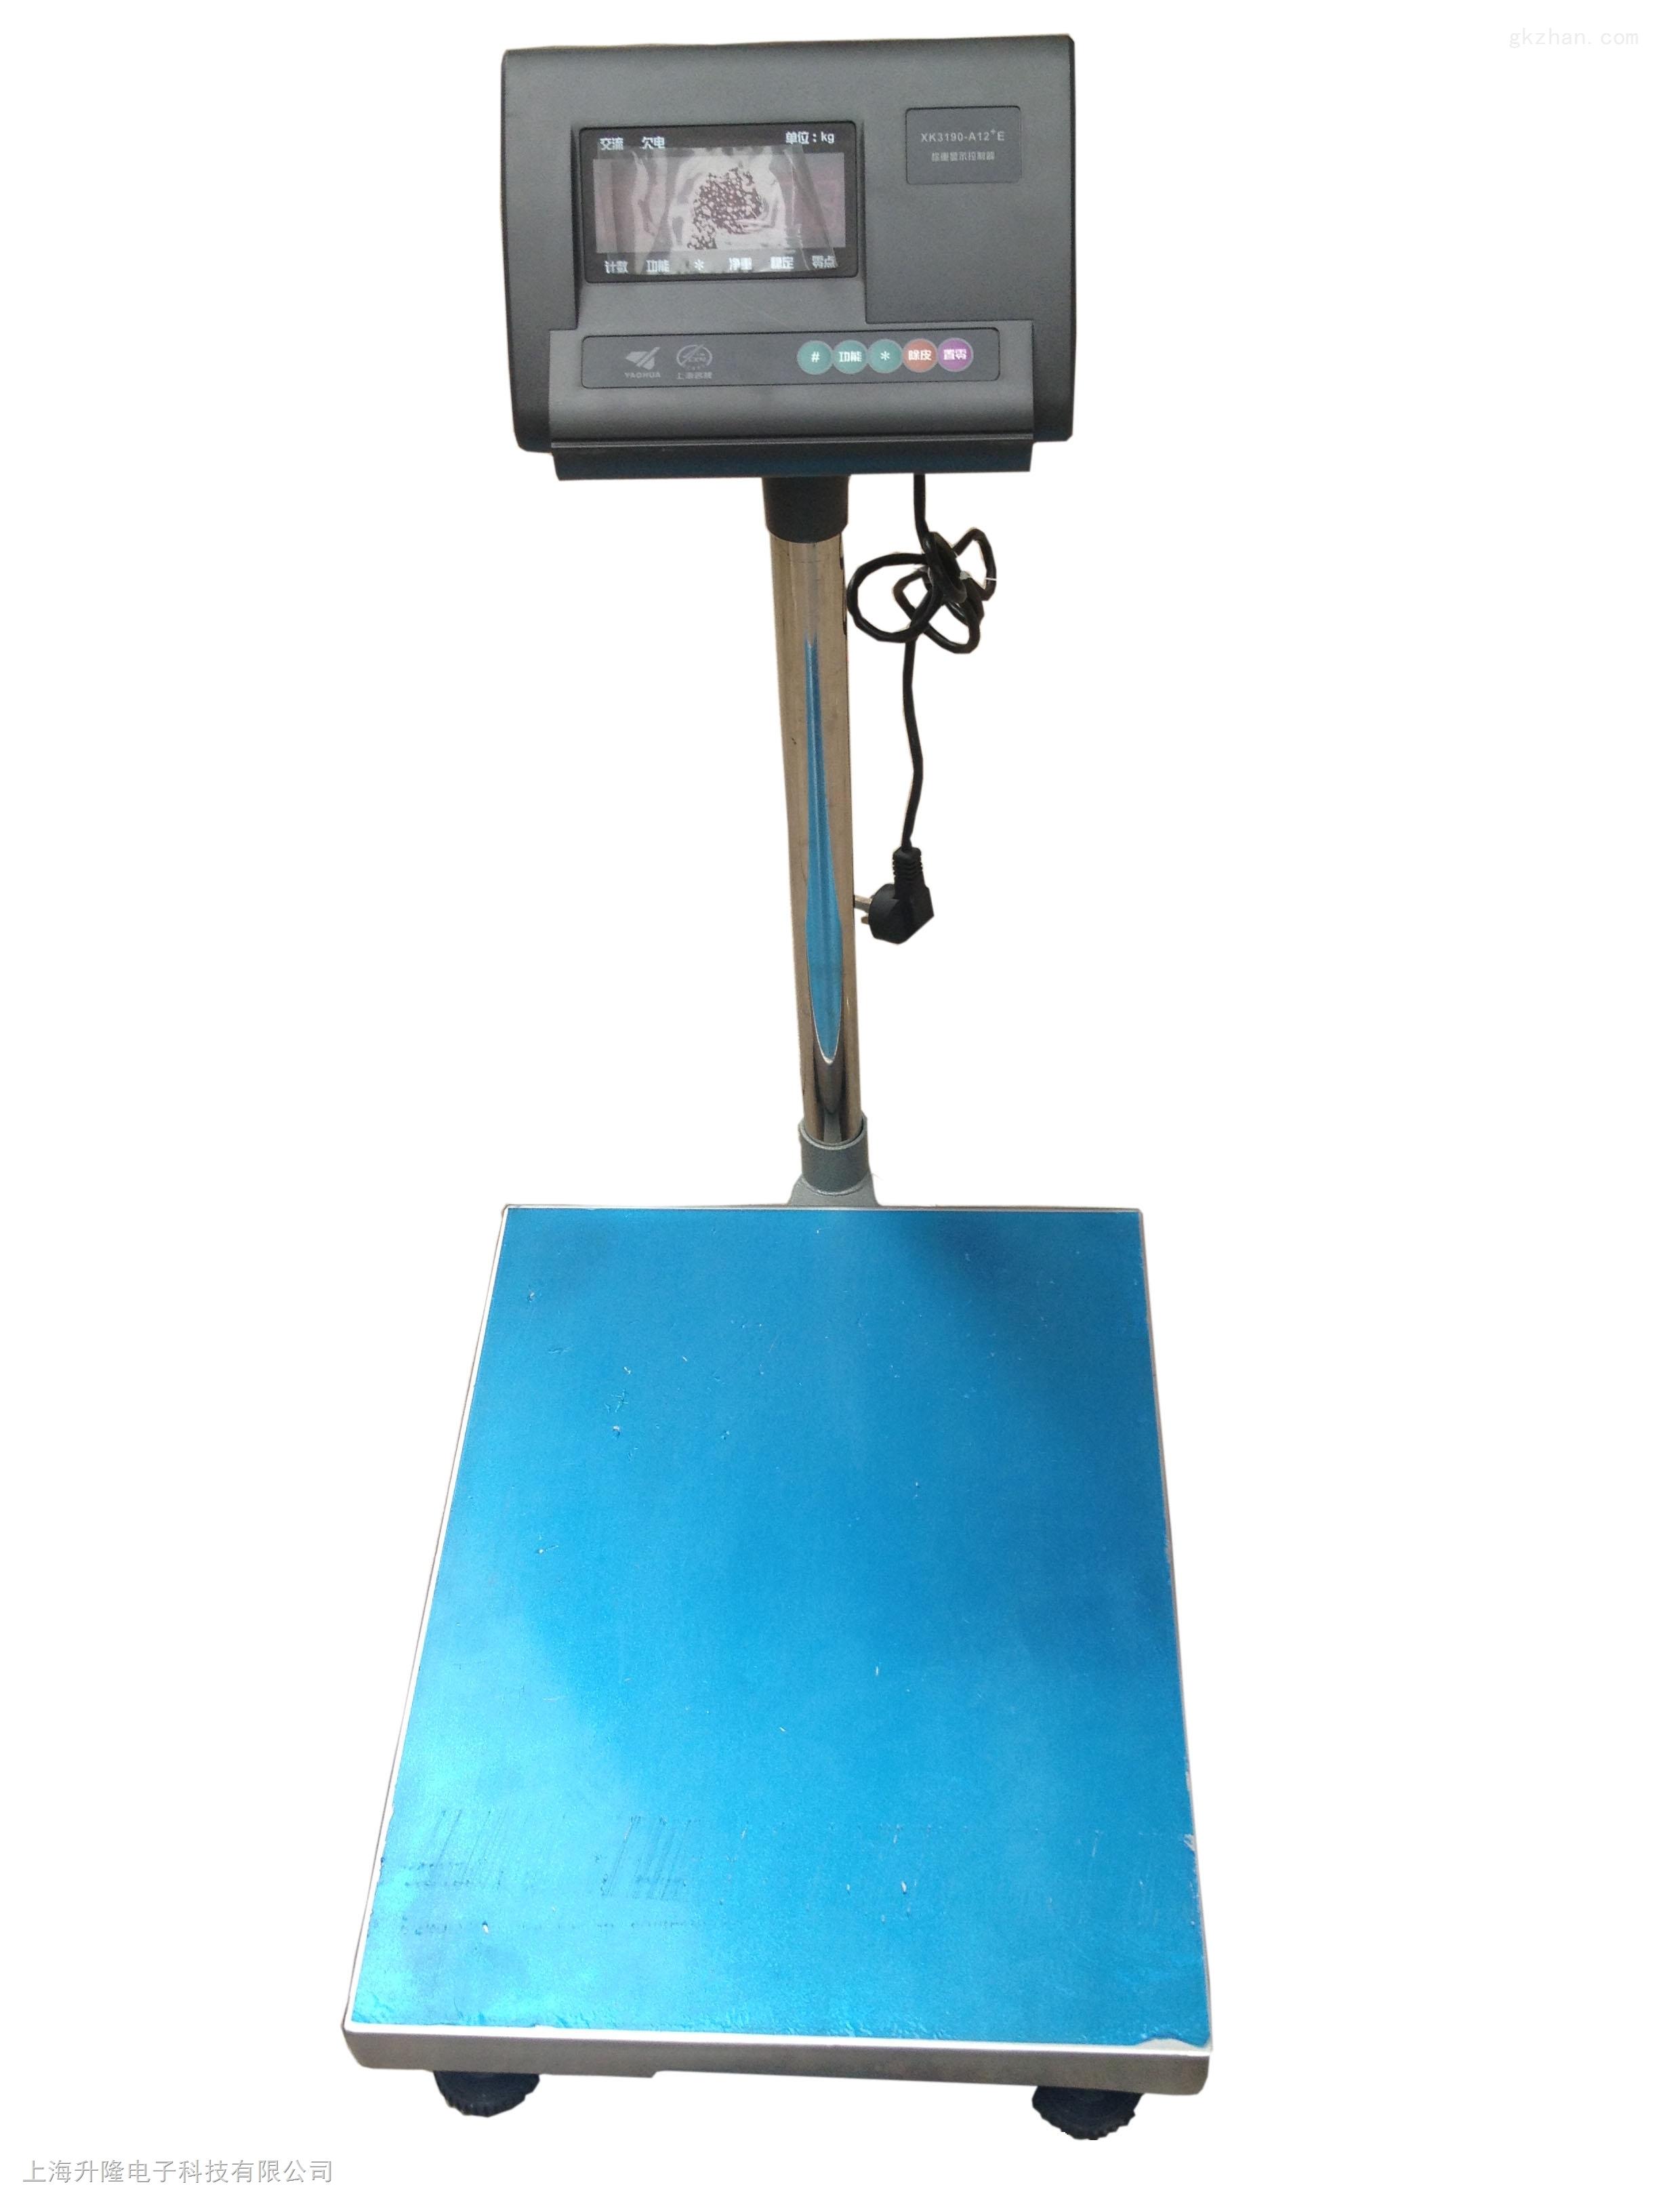 汽车电子秤,不锈钢电子台秤